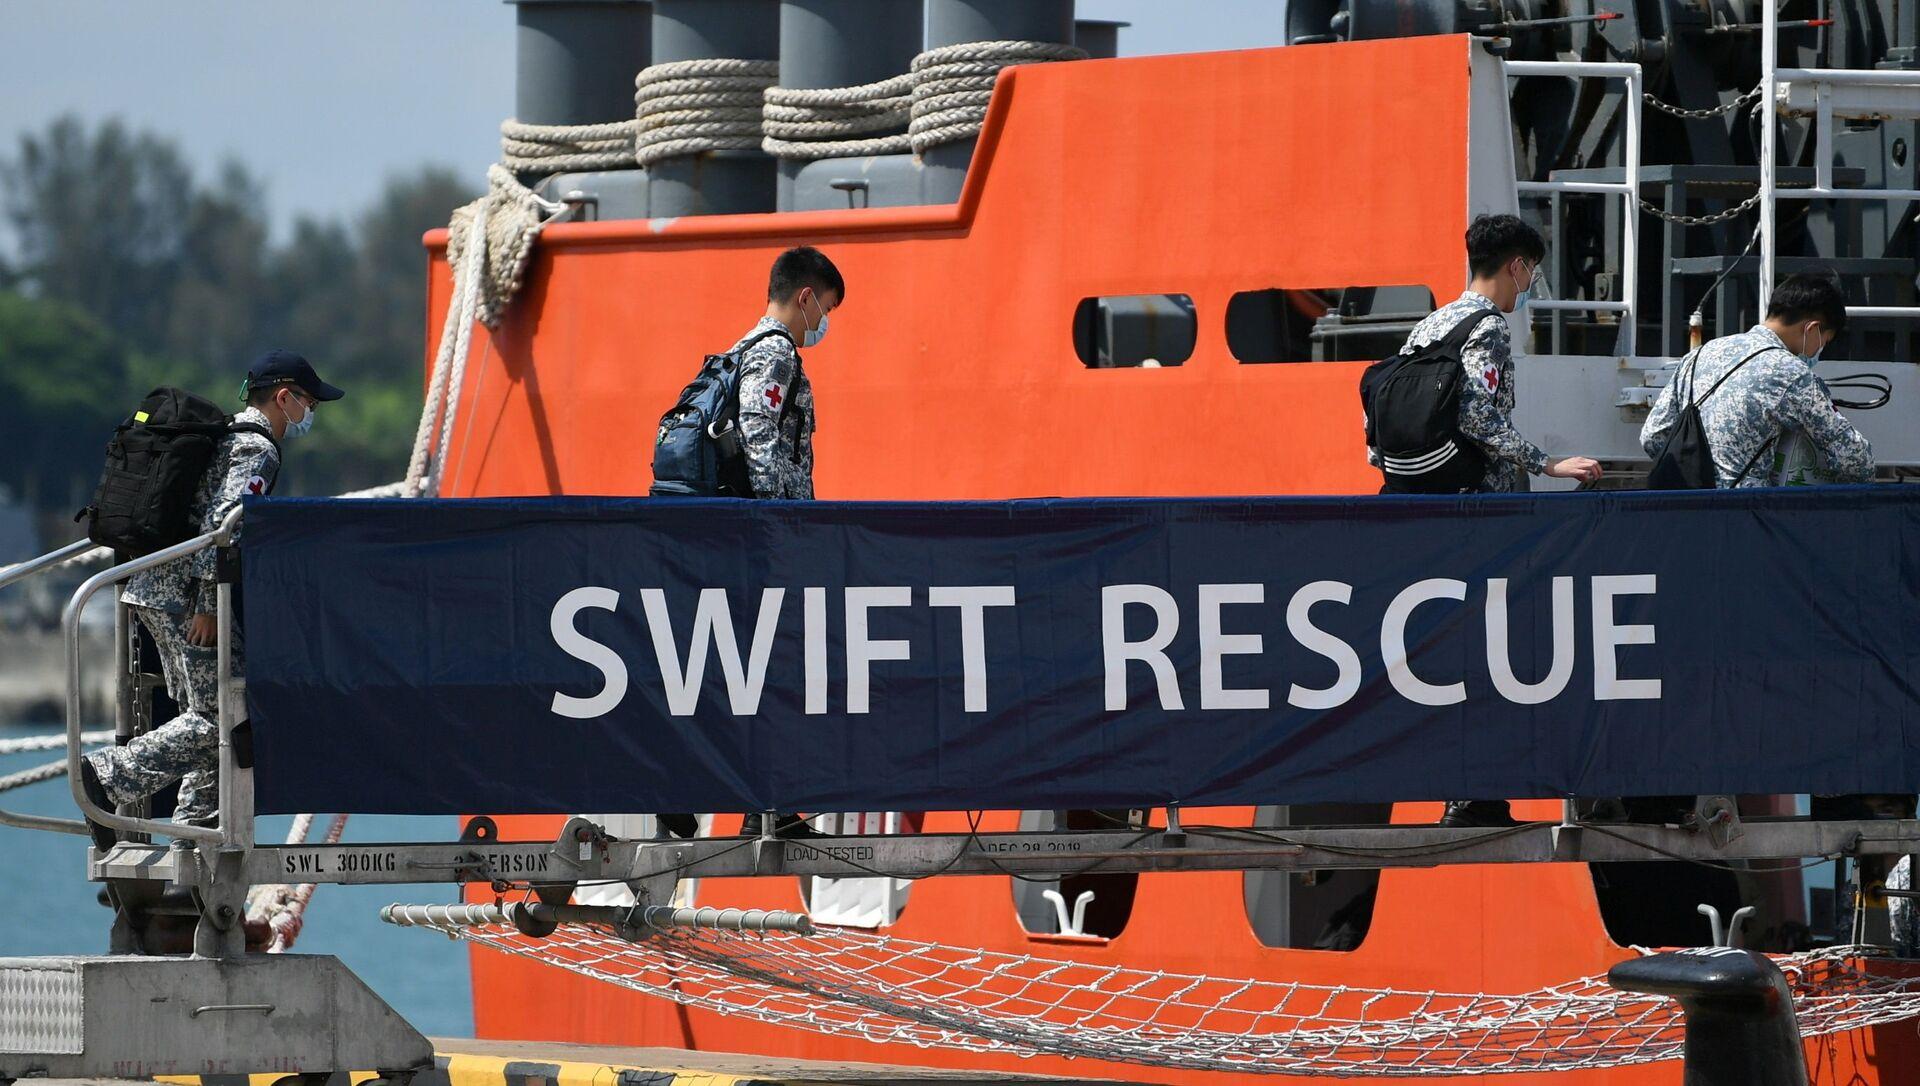 Các sĩ quan lên tàu MV Swift Rescue của Hải quân Singapore trước nỗ lực cứu hộ tàu ngầm mất tích KRI Nanggala-402 của Indonesia, tại Singapore vào ngày 21 tháng 4 năm 2021, trong hình ảnh này được truyền từ mạng xã hội. - Sputnik Việt Nam, 1920, 29.04.2021